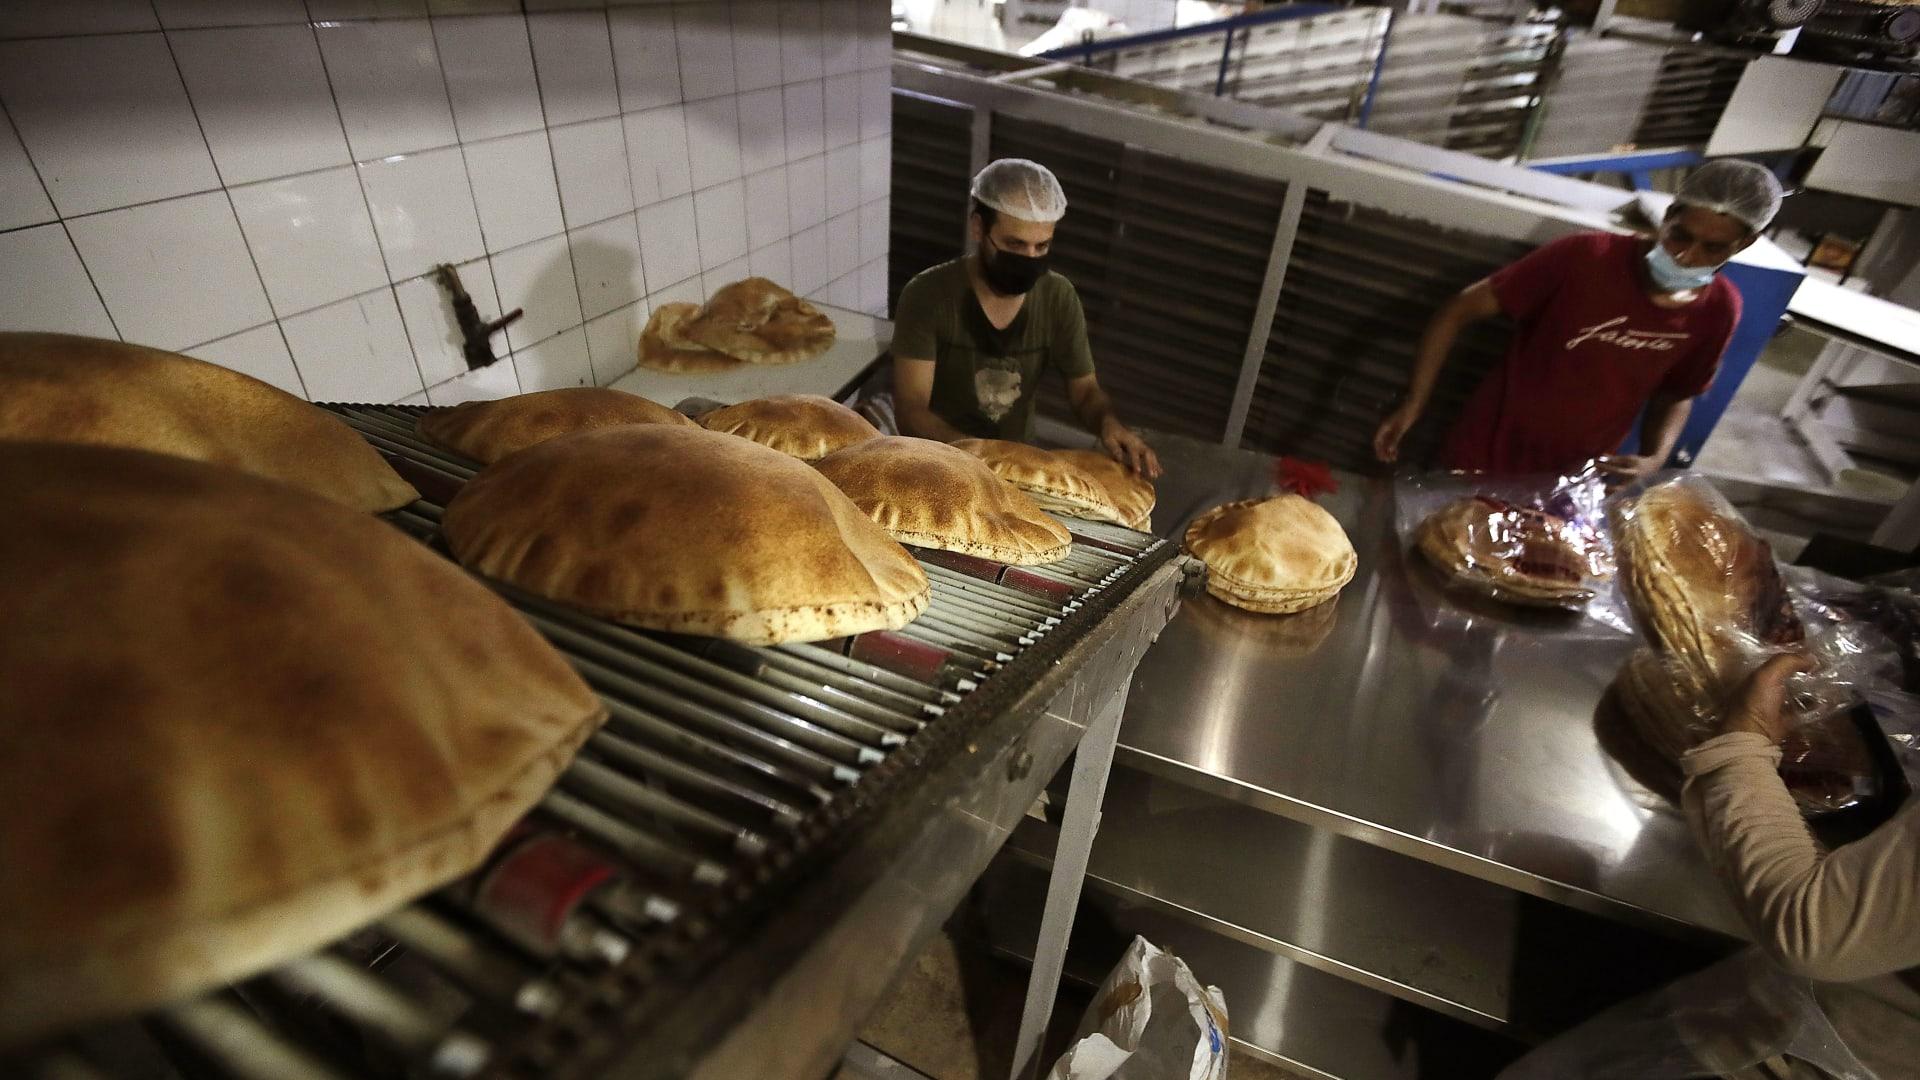 برنامج الغذاء العالمي يحذر من نفاذ الخبز في لبنان خلال أسبوعين